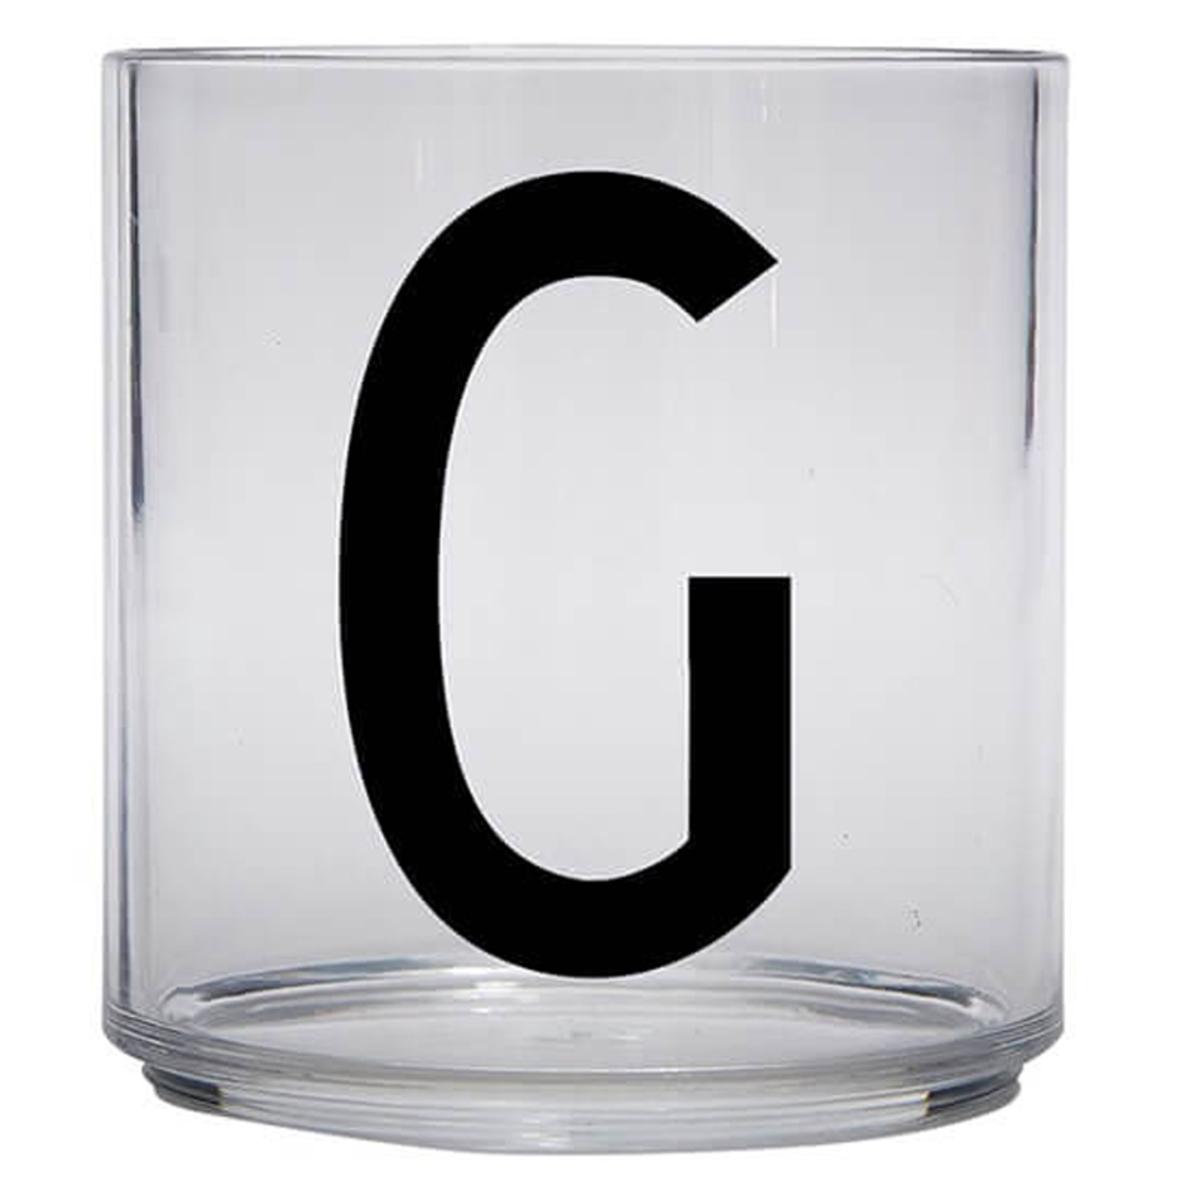 Tasse & Verre Verre Transparent G - 220 ml Verre Transparent G - 220 ml